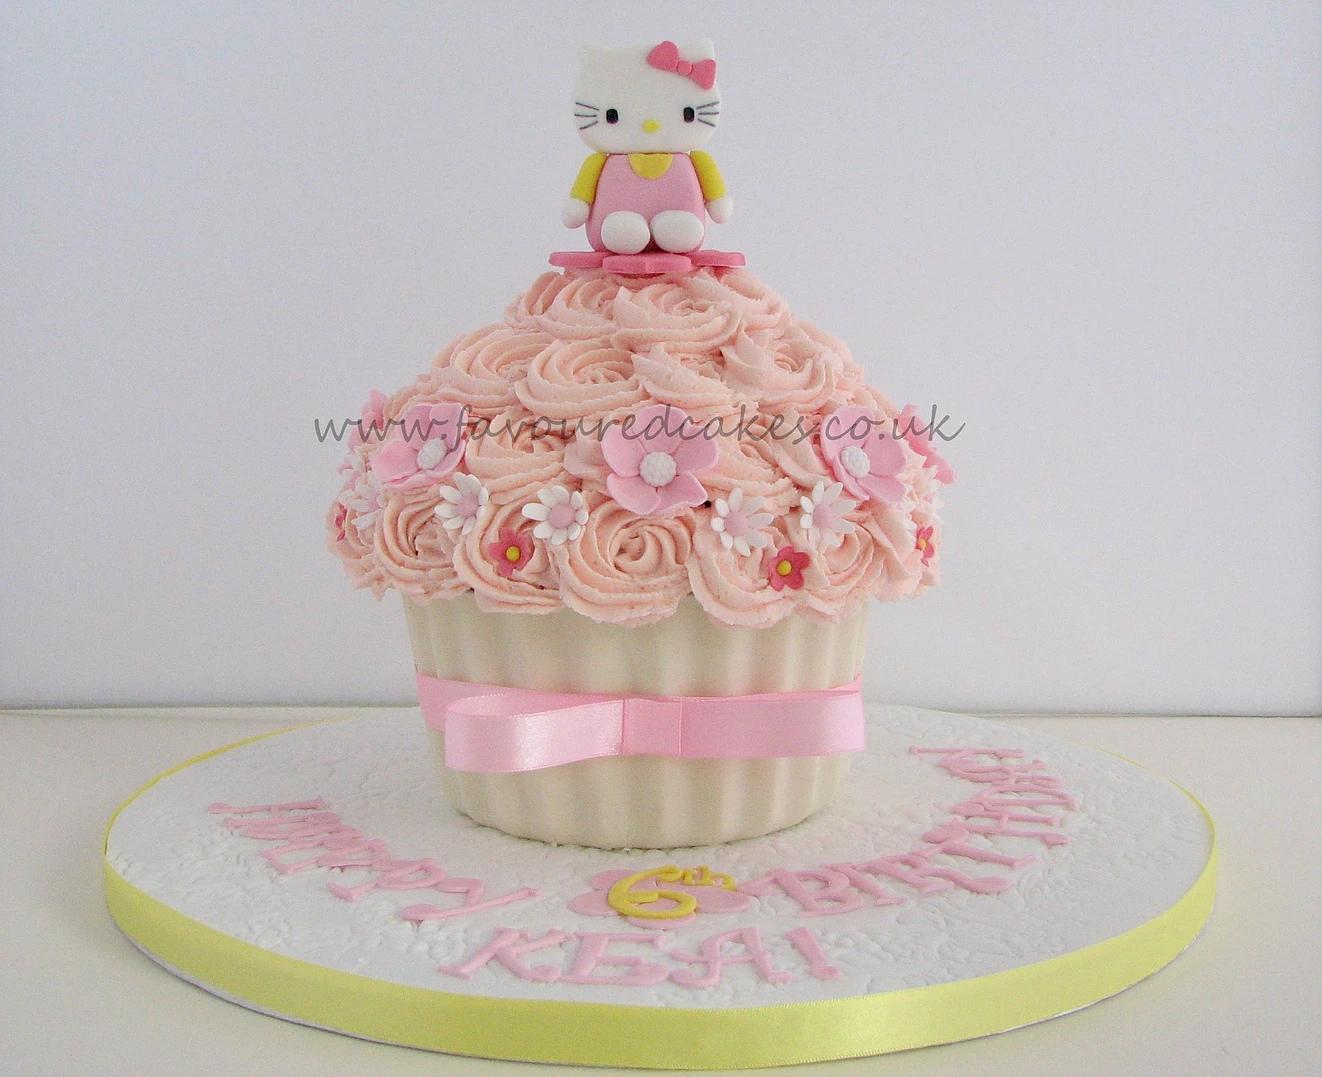 Giant Hello Kitty Cupcake